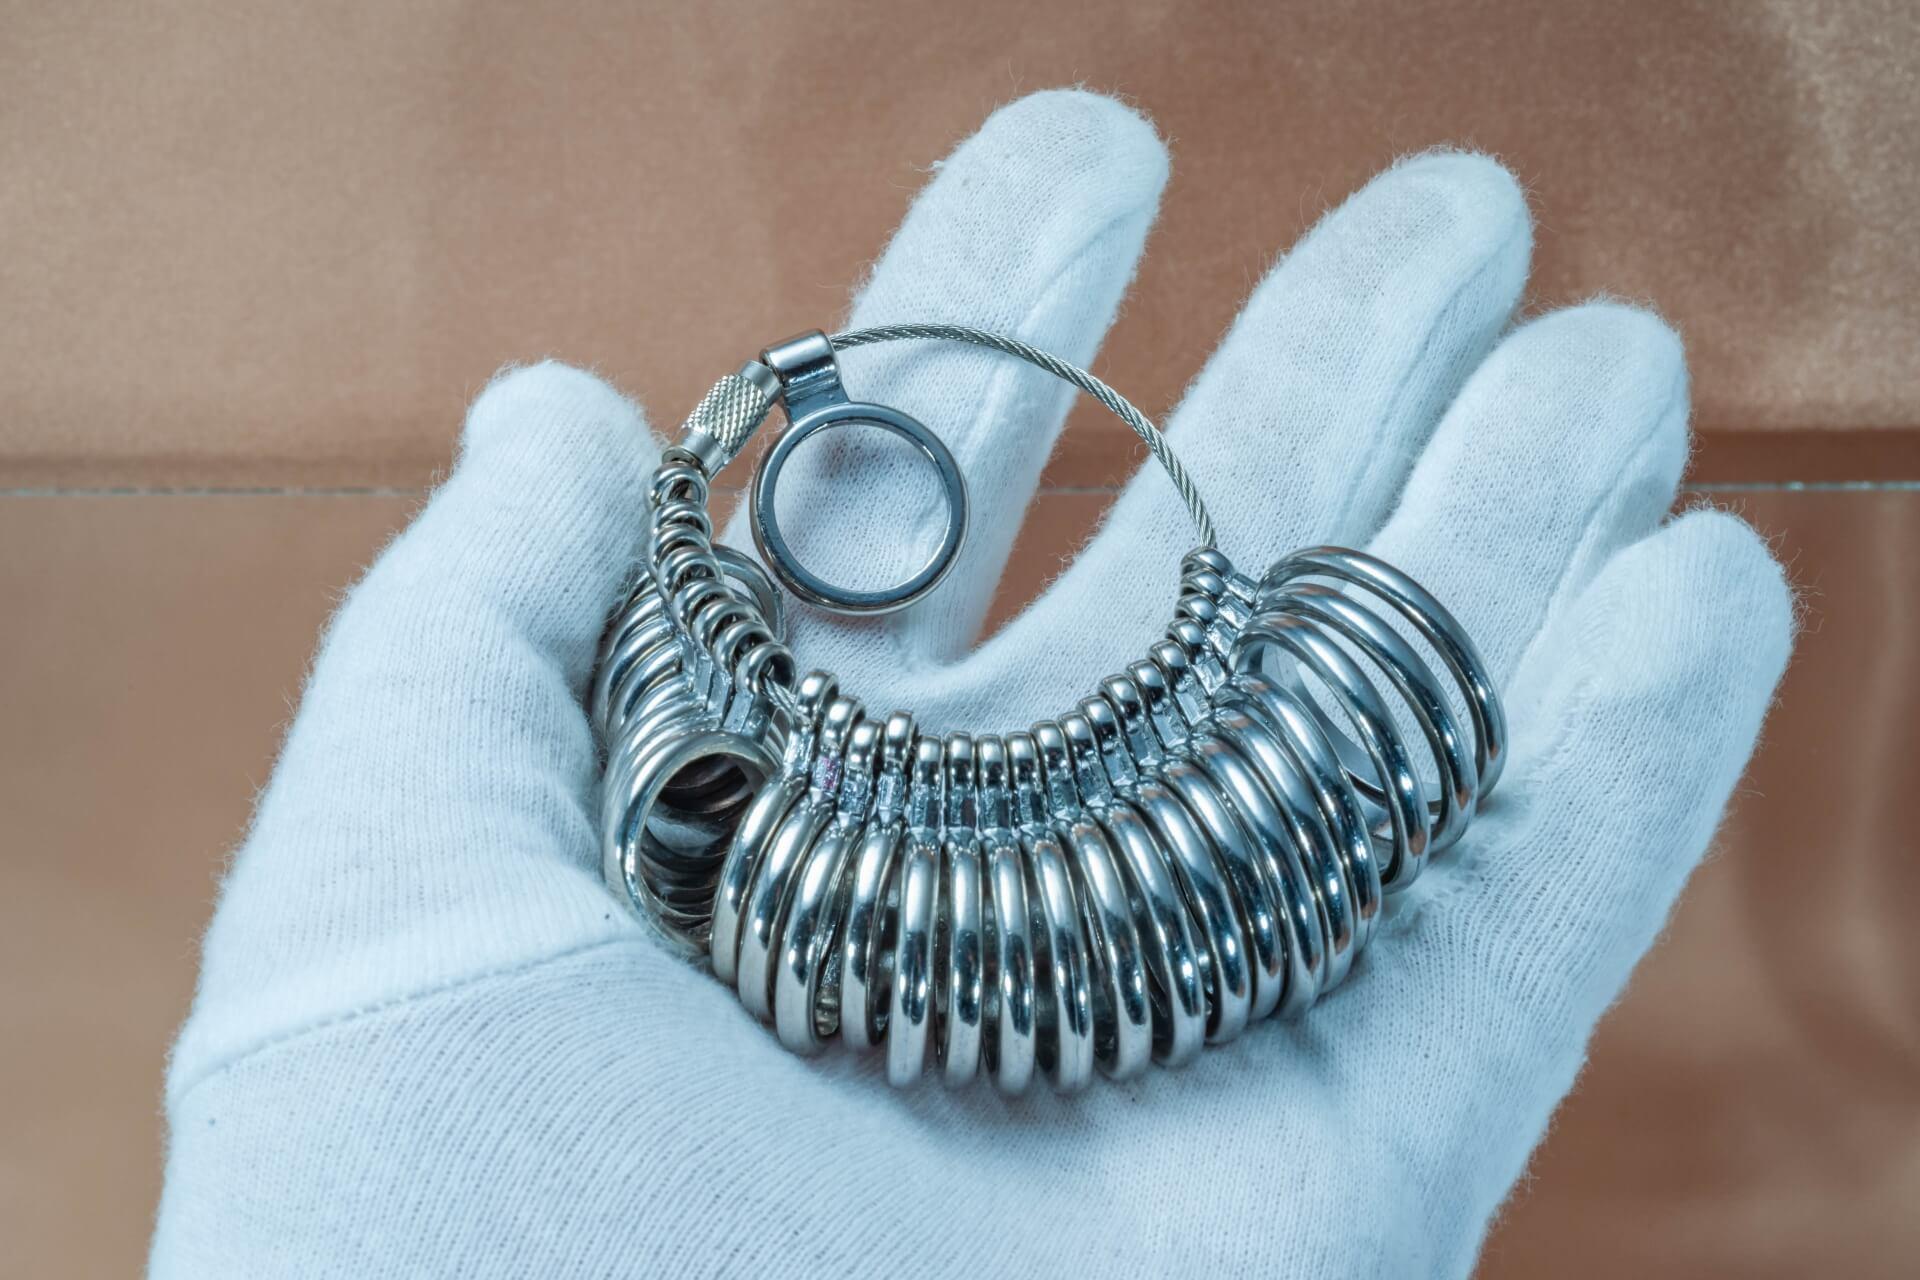 結婚指輪や婚約指輪のサイズ直しをしたい!料金や調整方法、注意点